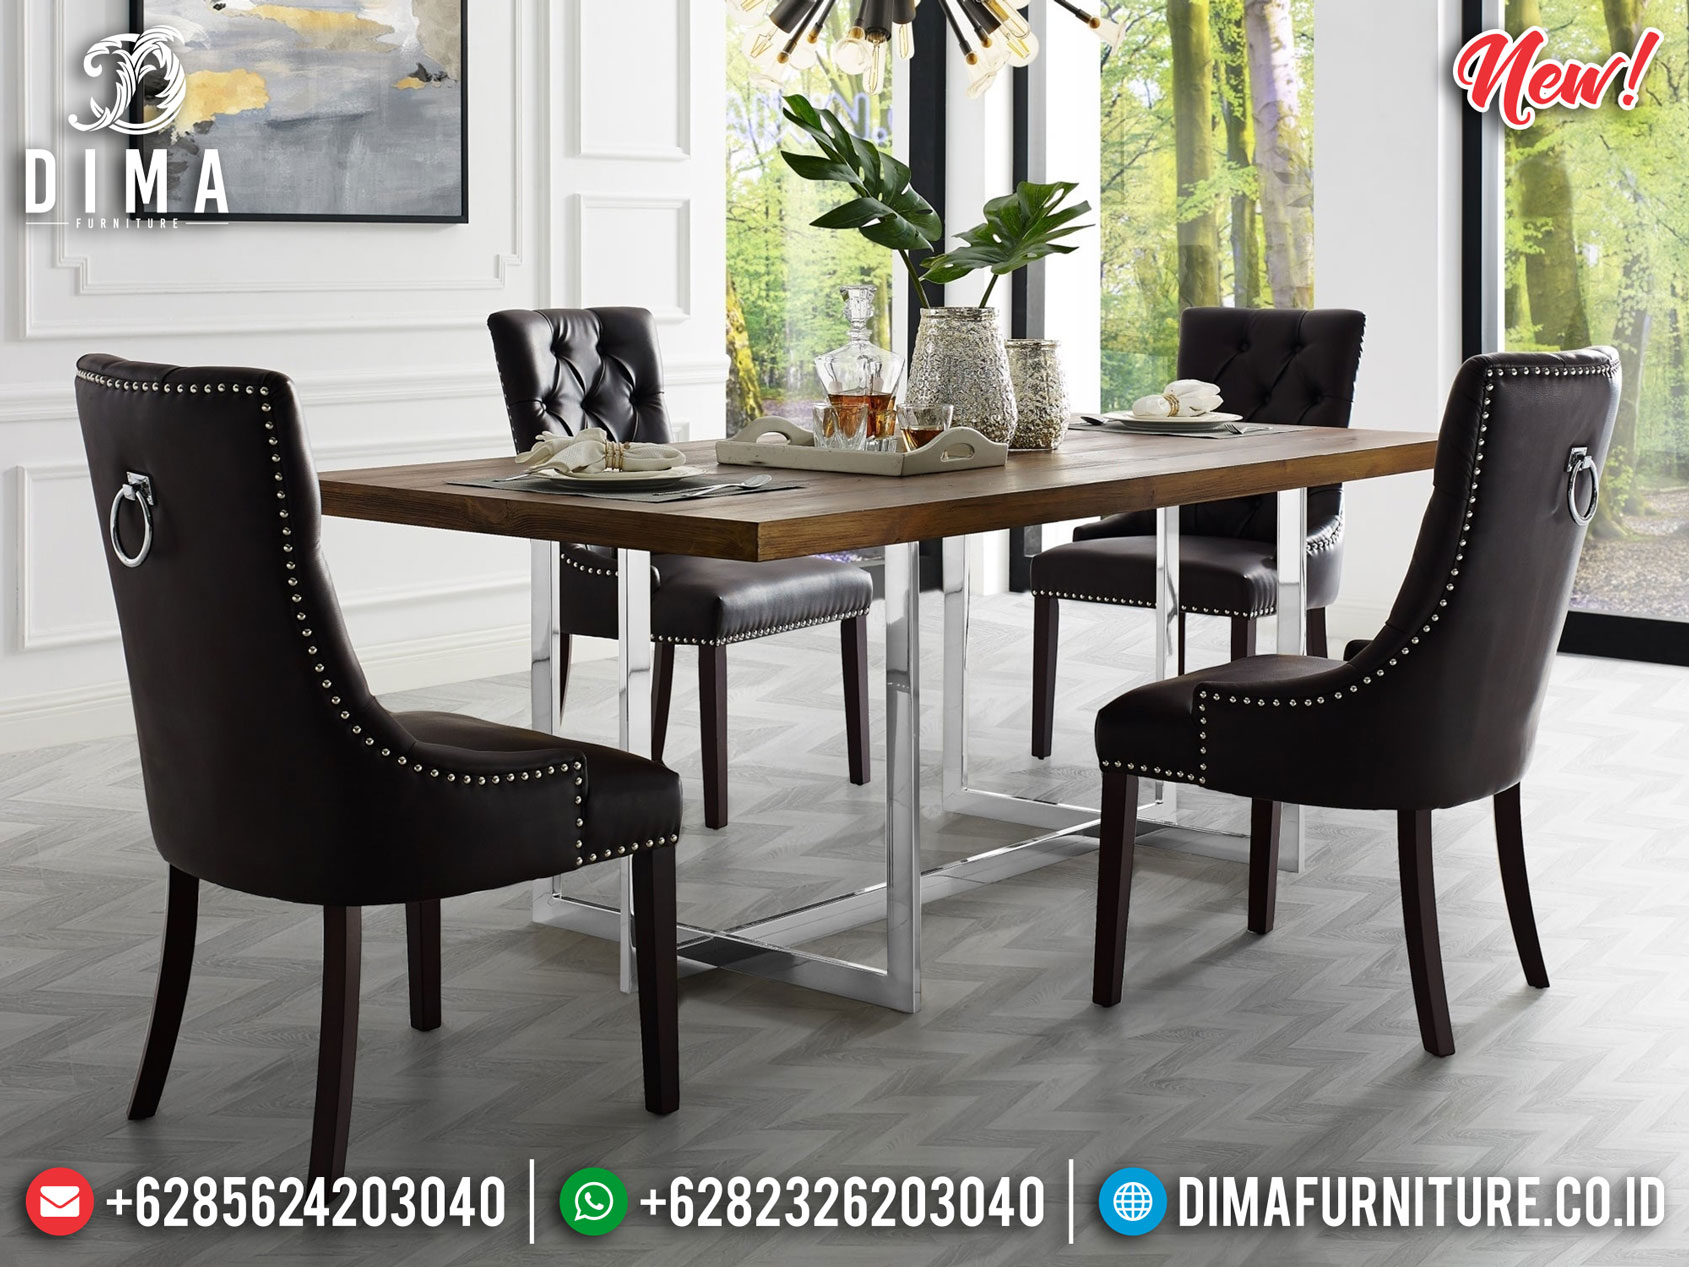 Desain Meja Makan Minimalis Modern Stainless Steel Luxury High Quality MM-0820